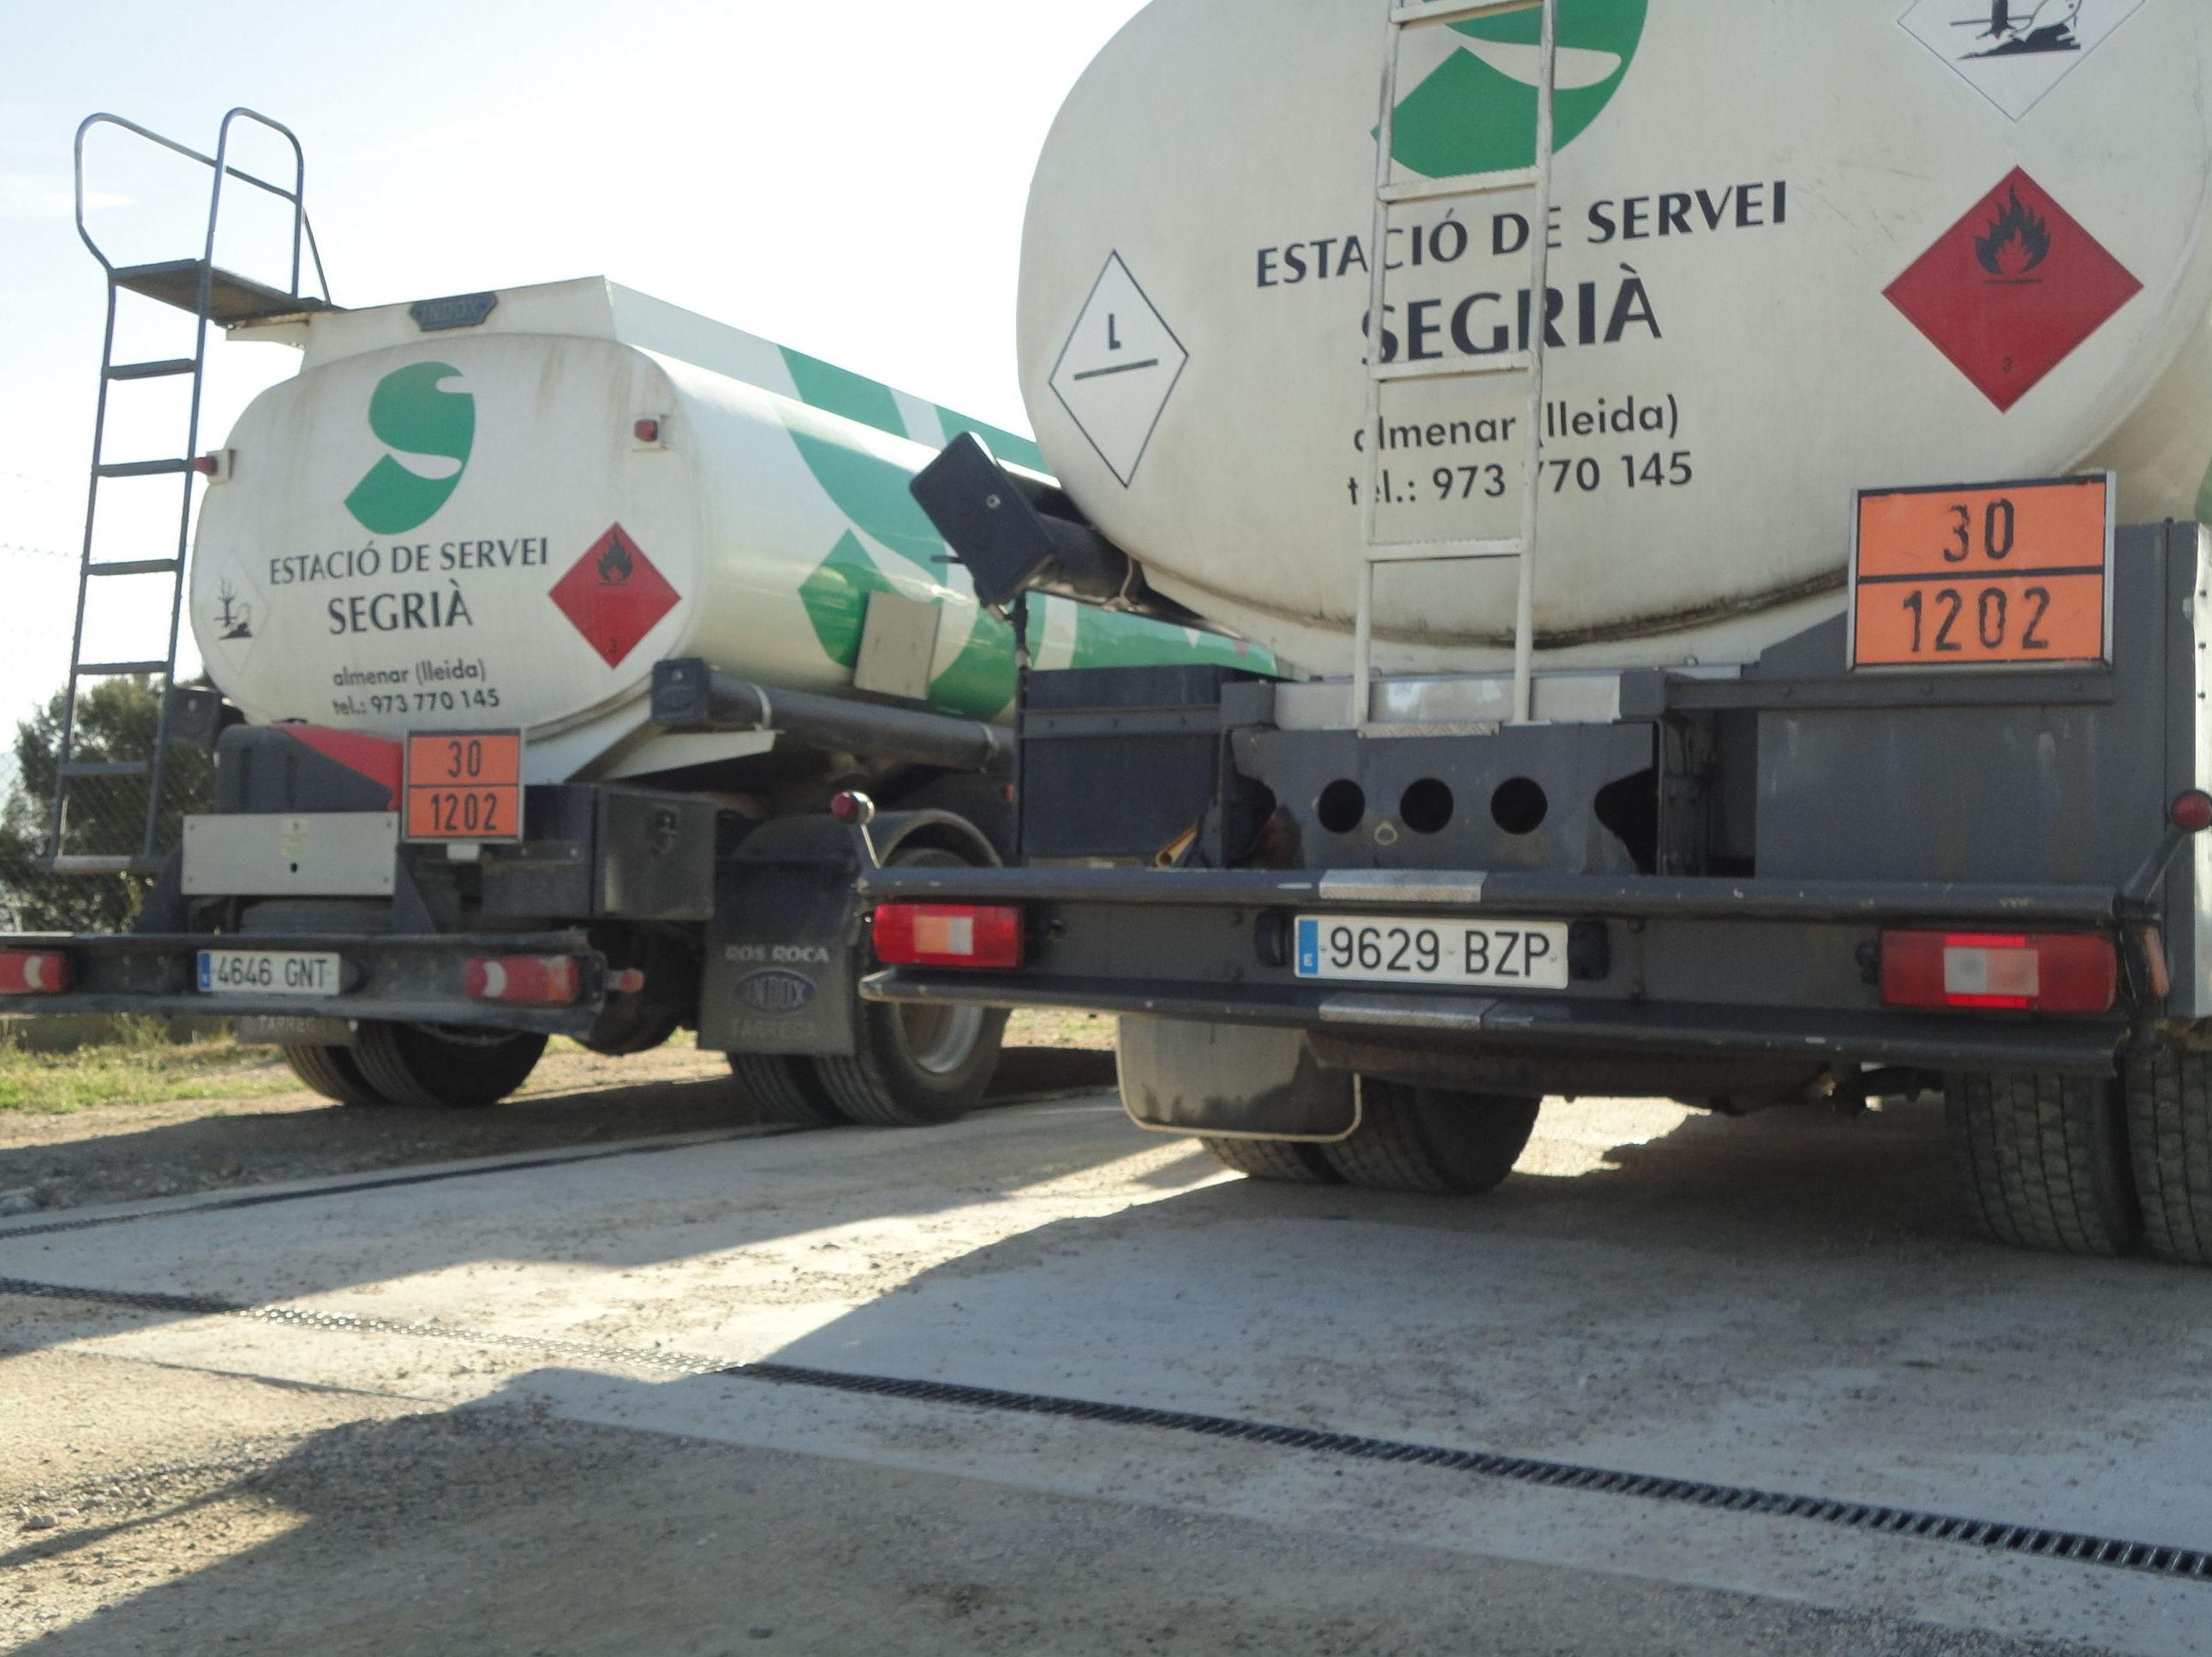 Foto 10 de Gasóleo en  | Estació de Servei Segrià